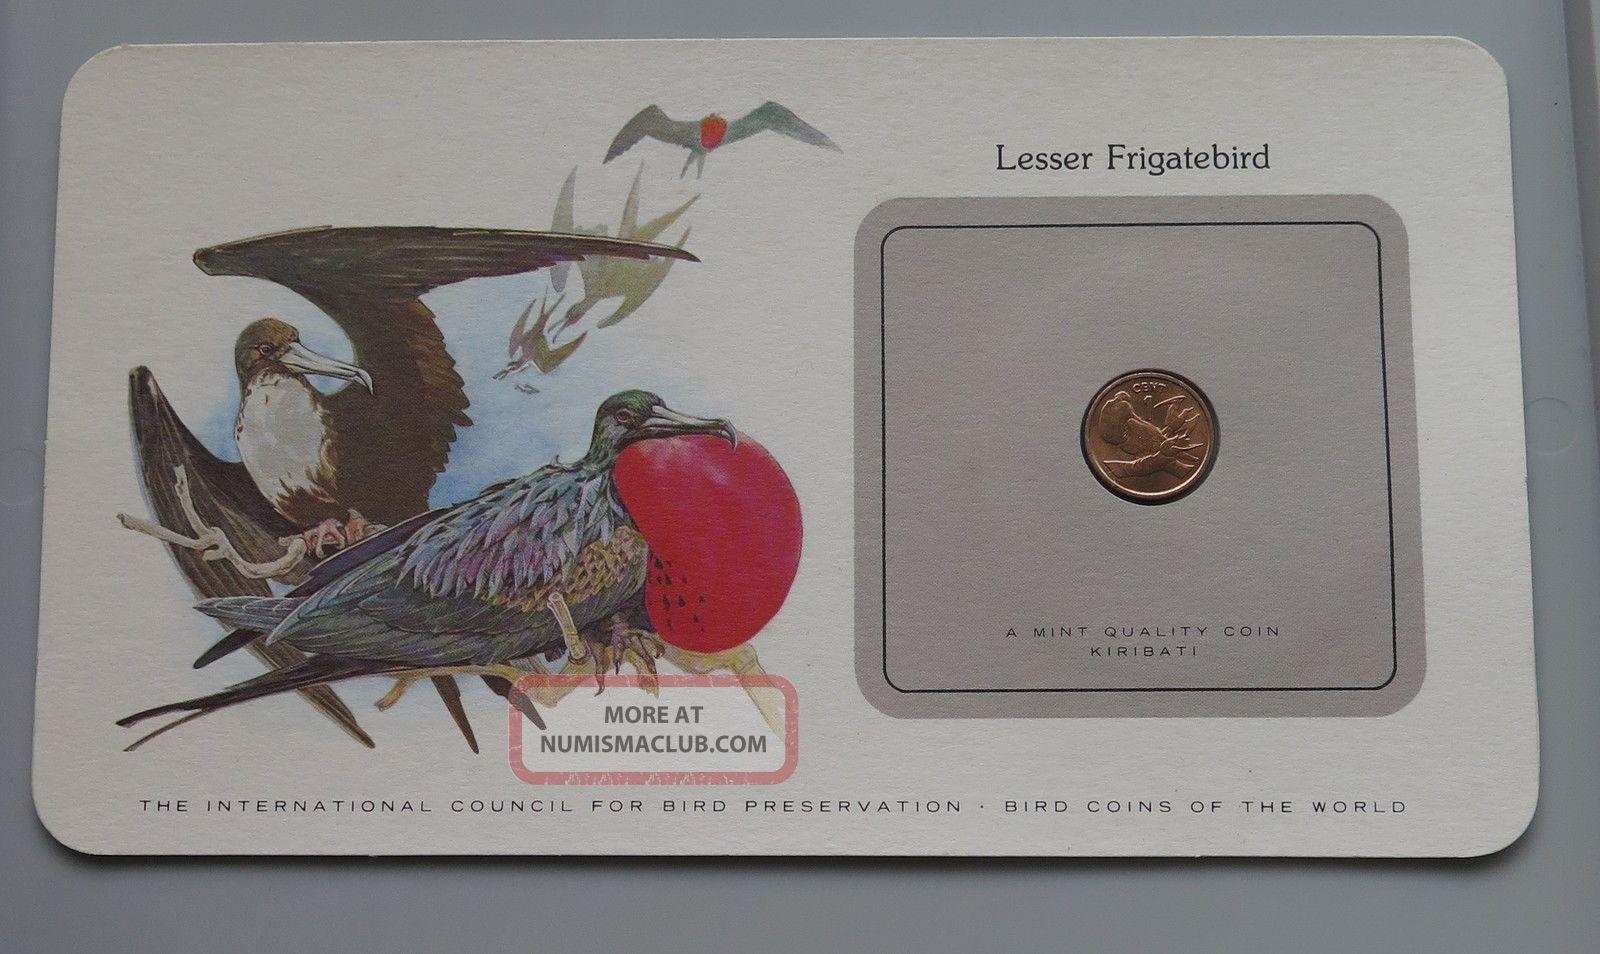 Монеты птица Кирибати 1 центов 1979 малая Фрегат не бывшие в обращении Coins: World photo